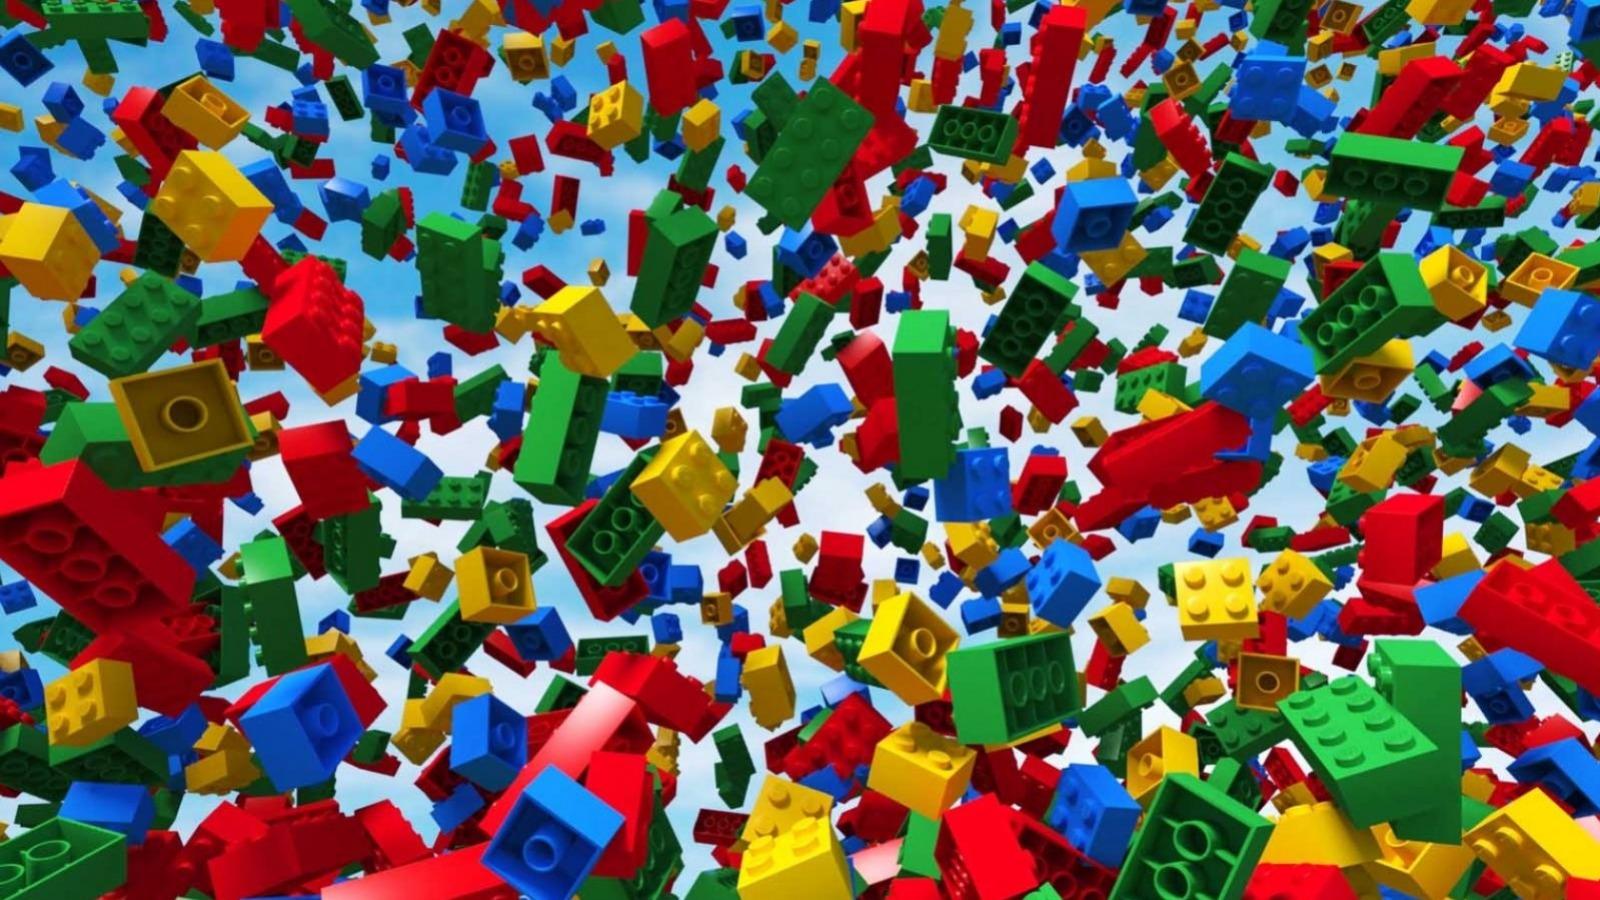 LEGO Club: South Regional Library